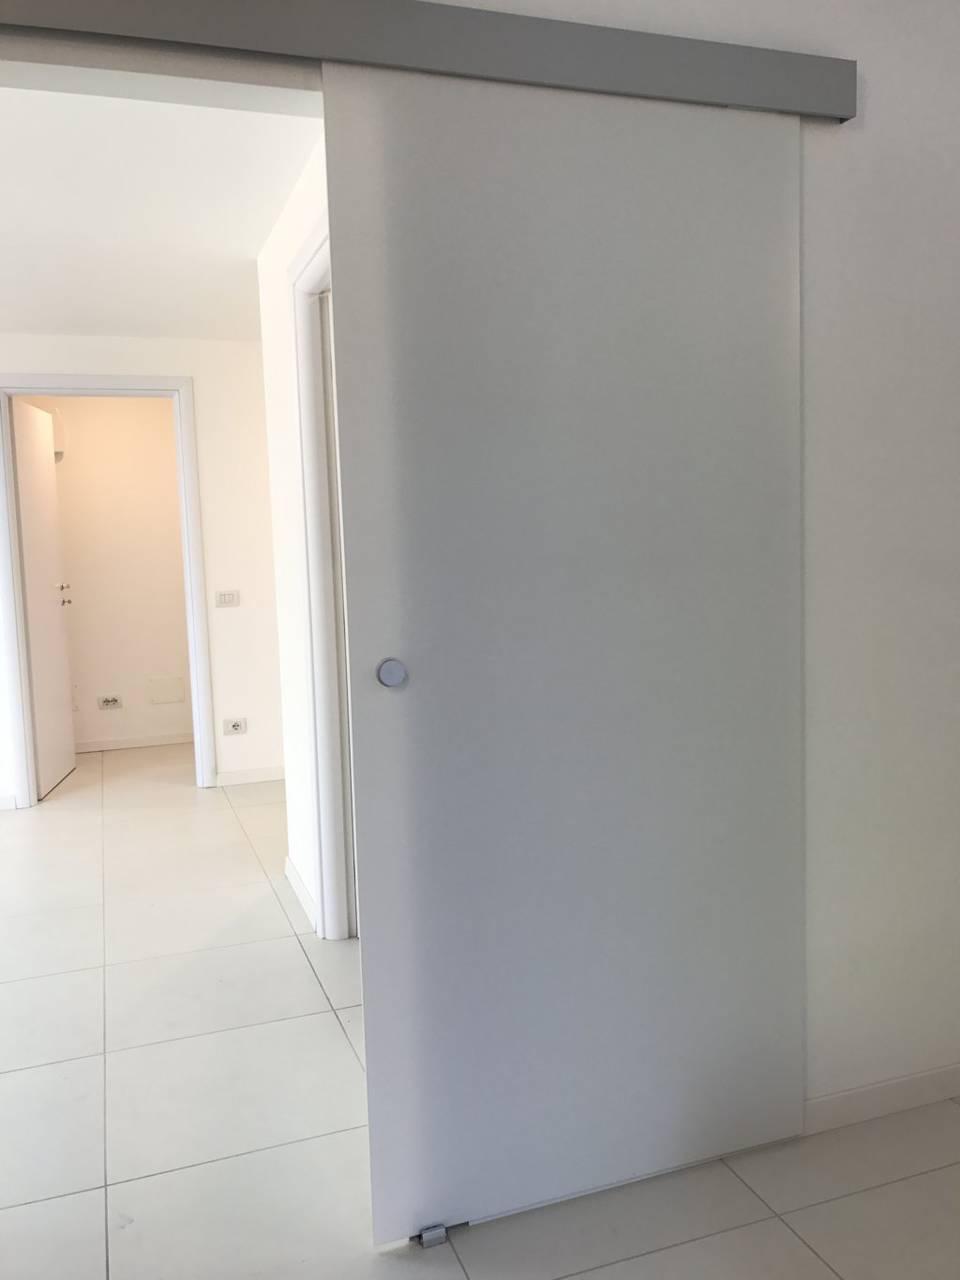 Appartamento-Loft-in-vendita-a-Agrate-Brianza-8